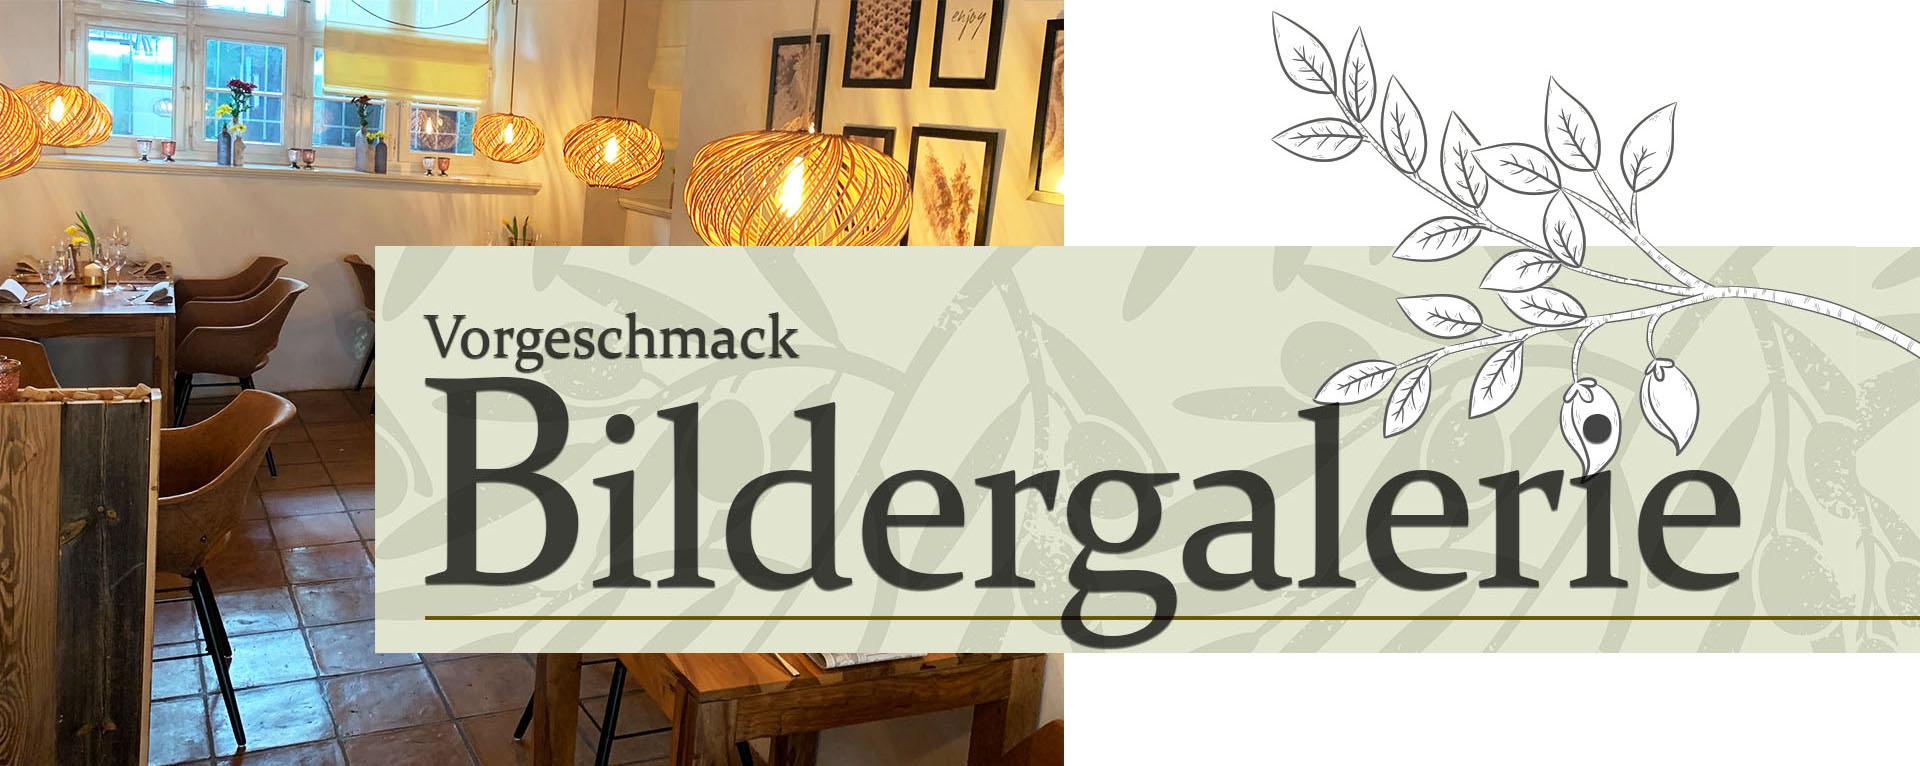 Herzlich Willkommen in unserem Restaurant in Wangen - mit unserer Bildergalerie bekommen Sie schon einen kleinen Einblick.